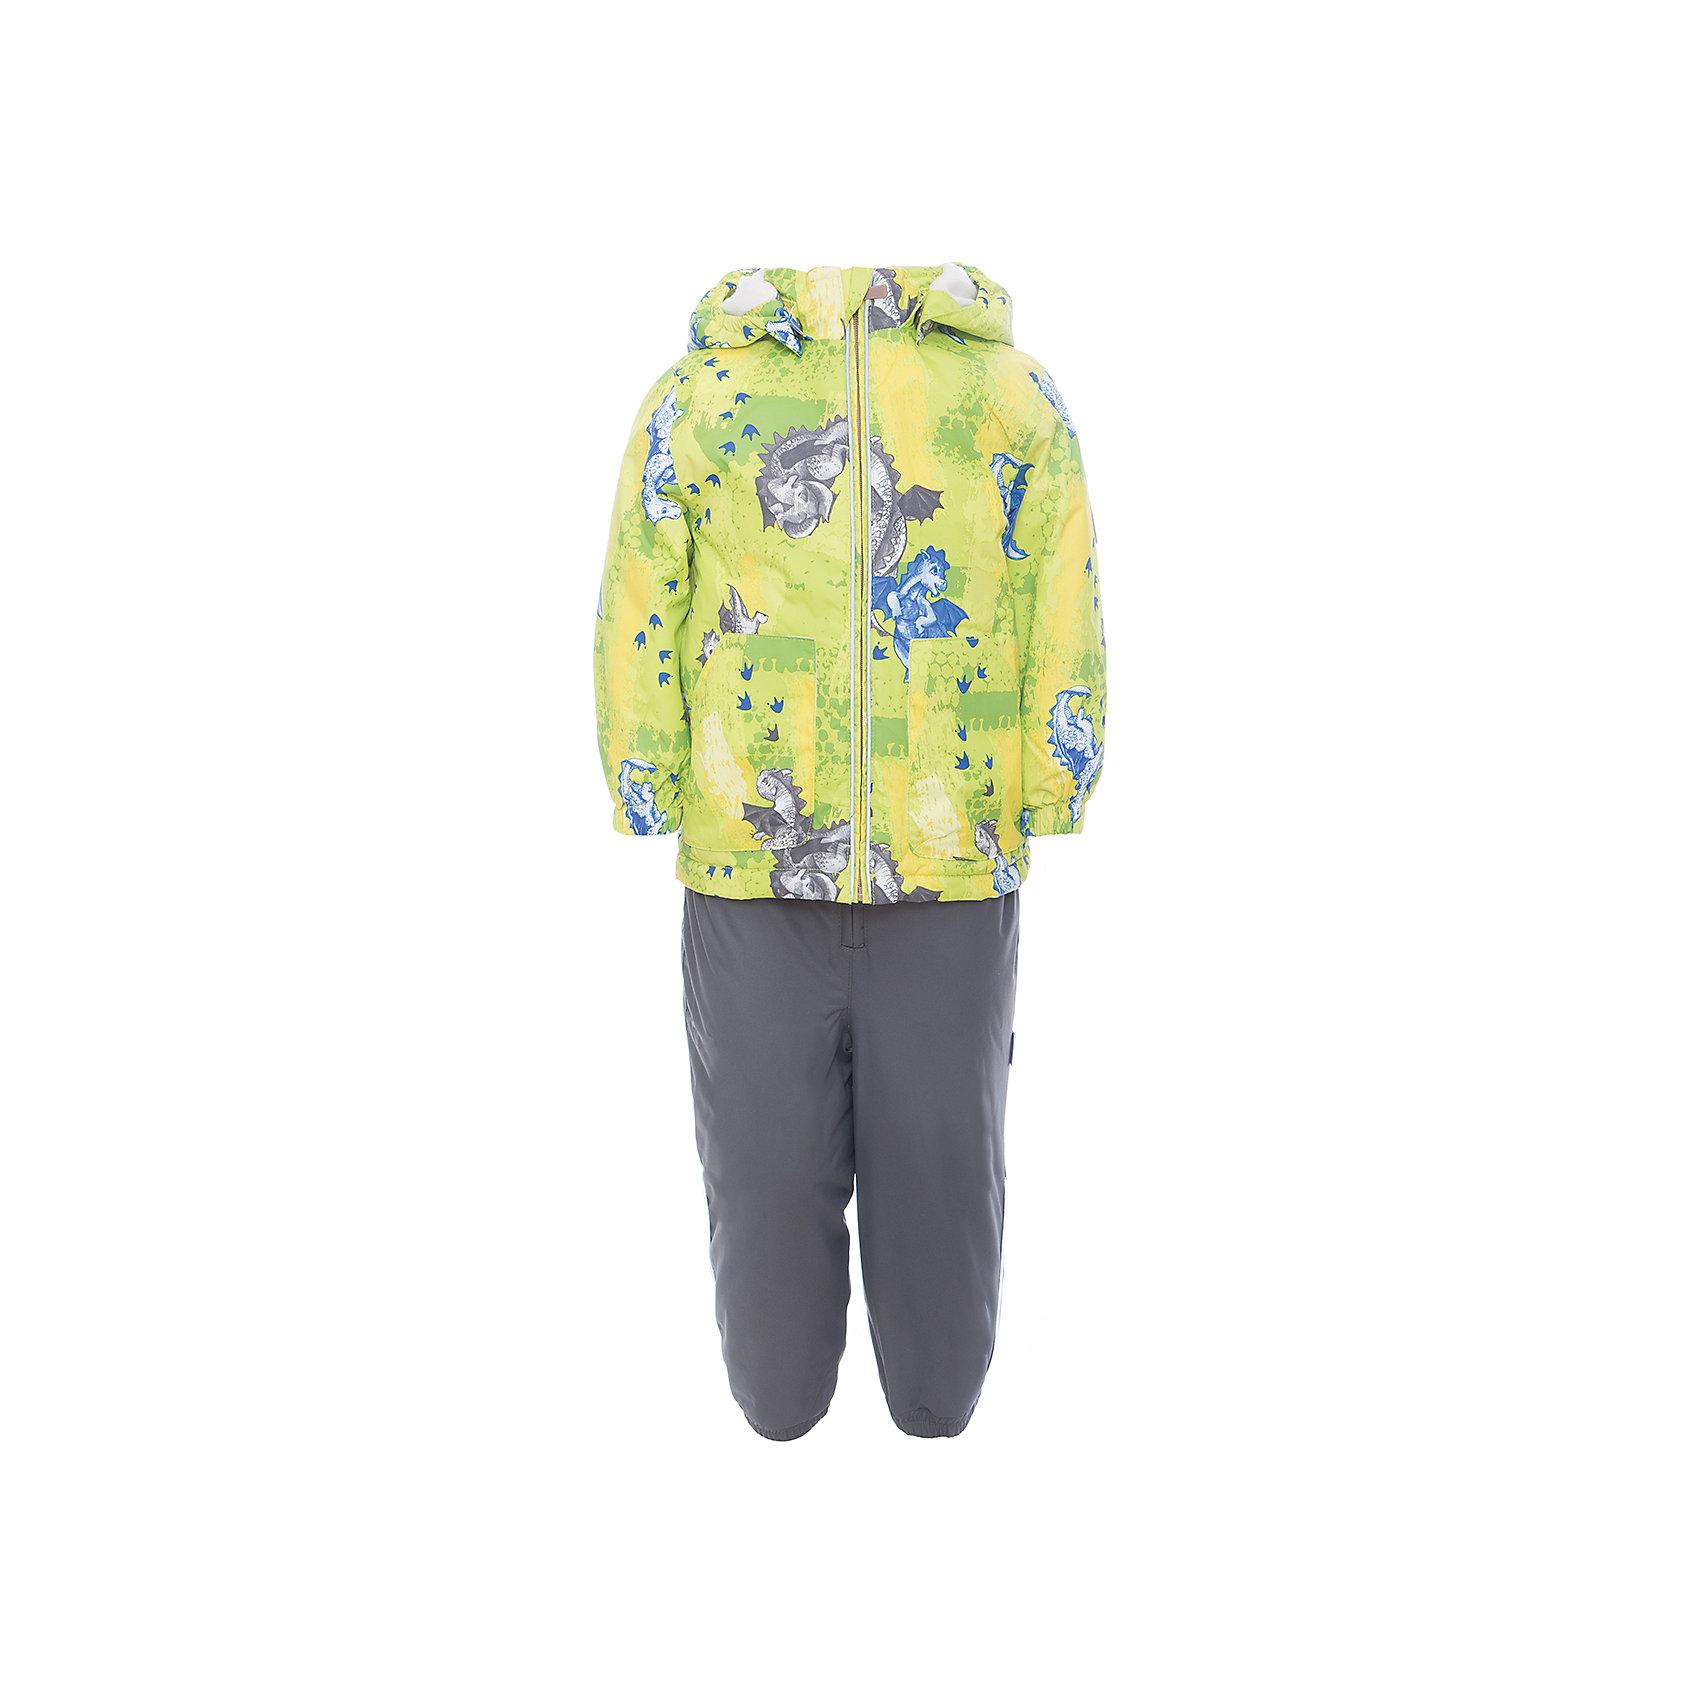 Комплект: куртка и полукомбинезон для мальчика CARLO HuppaХарактеристики товара:<br><br>• цвет: лайм принт/серый<br>• комплектация: куртка и полукомбинезон <br>• ткань: 100% полиэстер<br>• подкладка: тафта - 100% полиэстер<br>• утеплитель: 100% полиэстер; куртка 100 г, полукомбинезон 40 г<br>• температурный режим: от -5°С до +10°С<br>• водонепроницаемость: верх - 5000 мм, низ - 10000 мм<br>• воздухопроницаемость: верх - 5000 мм, низ - 10000 мм<br>• светоотражающие детали<br>• шов сидения проклеен<br>• съёмный капюшон с резинкой<br>• эластичные манжеты на рукавах<br>• манжеты брюк с резинкой<br>• съёмные эластичные штрипки<br>• без внутренних швов<br>• резиновые подтяжки<br>• коллекция: весна-лето 2017<br>• страна бренда: Эстония<br><br>Такой модный демисезонный комплект  обеспечит детям тепло и комфорт. Он сделан из материала, отталкивающего воду, и дополнен подкладкой с утеплителем, поэтому изделие идеально подходит для межсезонья. Материал изделий - с мембранной технологией: защищая от влаги и ветра, он легко выводит лишнюю влагу наружу. Комплект очень симпатично смотрится. <br><br>Одежда и обувь от популярного эстонского бренда Huppa - отличный вариант одеть ребенка можно и комфортно. Вещи, выпускаемые компанией, качественные, продуманные и очень удобные. Для производства изделий используются только безопасные для детей материалы. Продукция от Huppa порадует и детей, и их родителей!<br><br>Комплект: куртка и полукомбинезон для мальчика CARLO от бренда Huppa (Хуппа) можно купить в нашем интернет-магазине.<br><br>Ширина мм: 356<br>Глубина мм: 10<br>Высота мм: 245<br>Вес г: 519<br>Цвет: зеленый<br>Возраст от месяцев: 48<br>Возраст до месяцев: 60<br>Пол: Мужской<br>Возраст: Детский<br>Размер: 110,80,86,92,98,104<br>SKU: 5346704